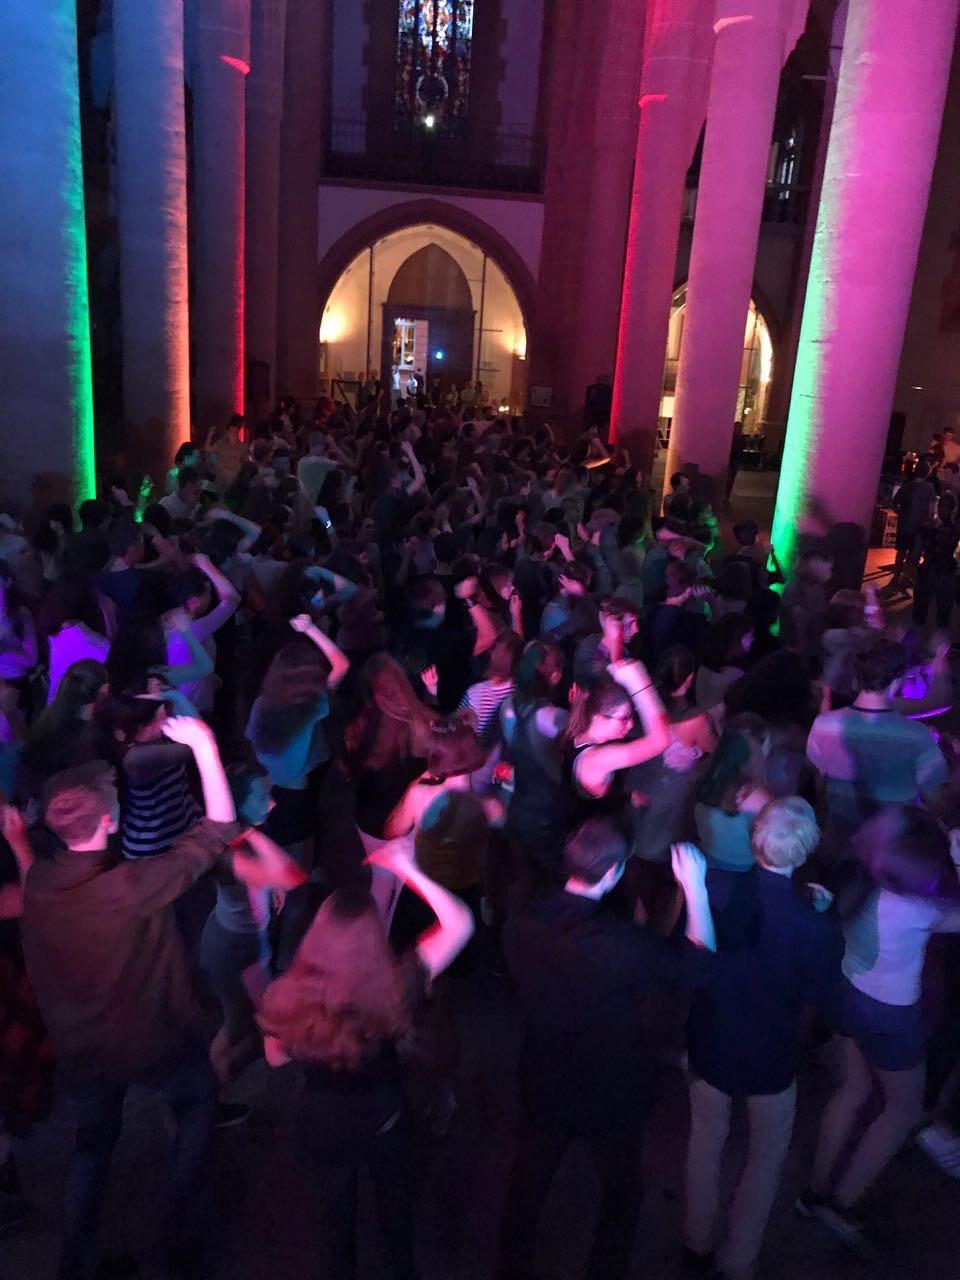 Das Foto ist  während der Jugendparty am Freitag Abend entstanden. Bildnachweis: Tanzschule Nuzinger GmbH